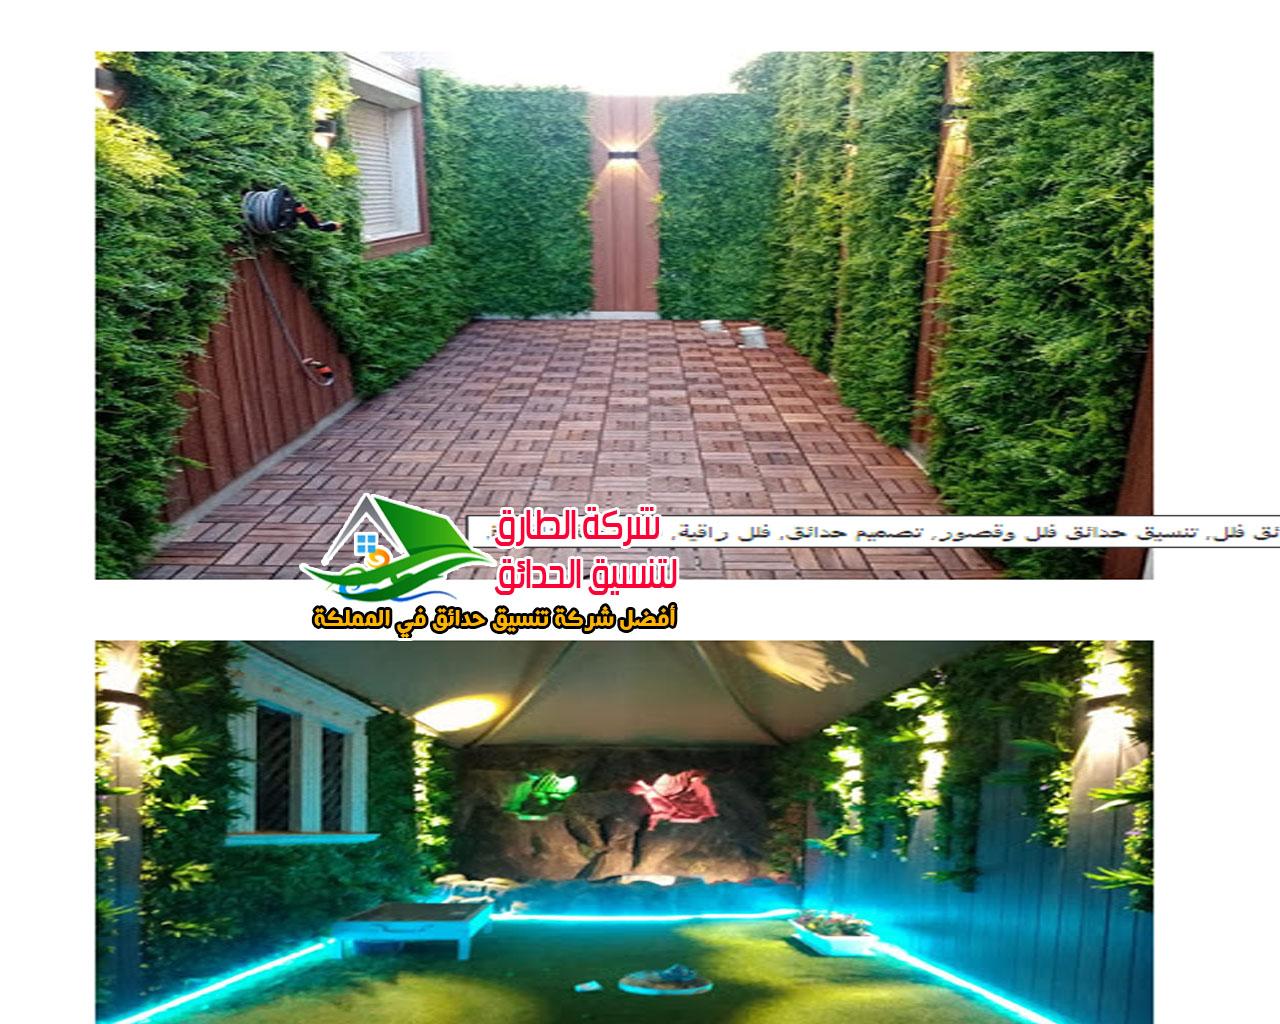 شركة تنسيق حدائق سلطنة عمان_تنسيق حدائق مسقط